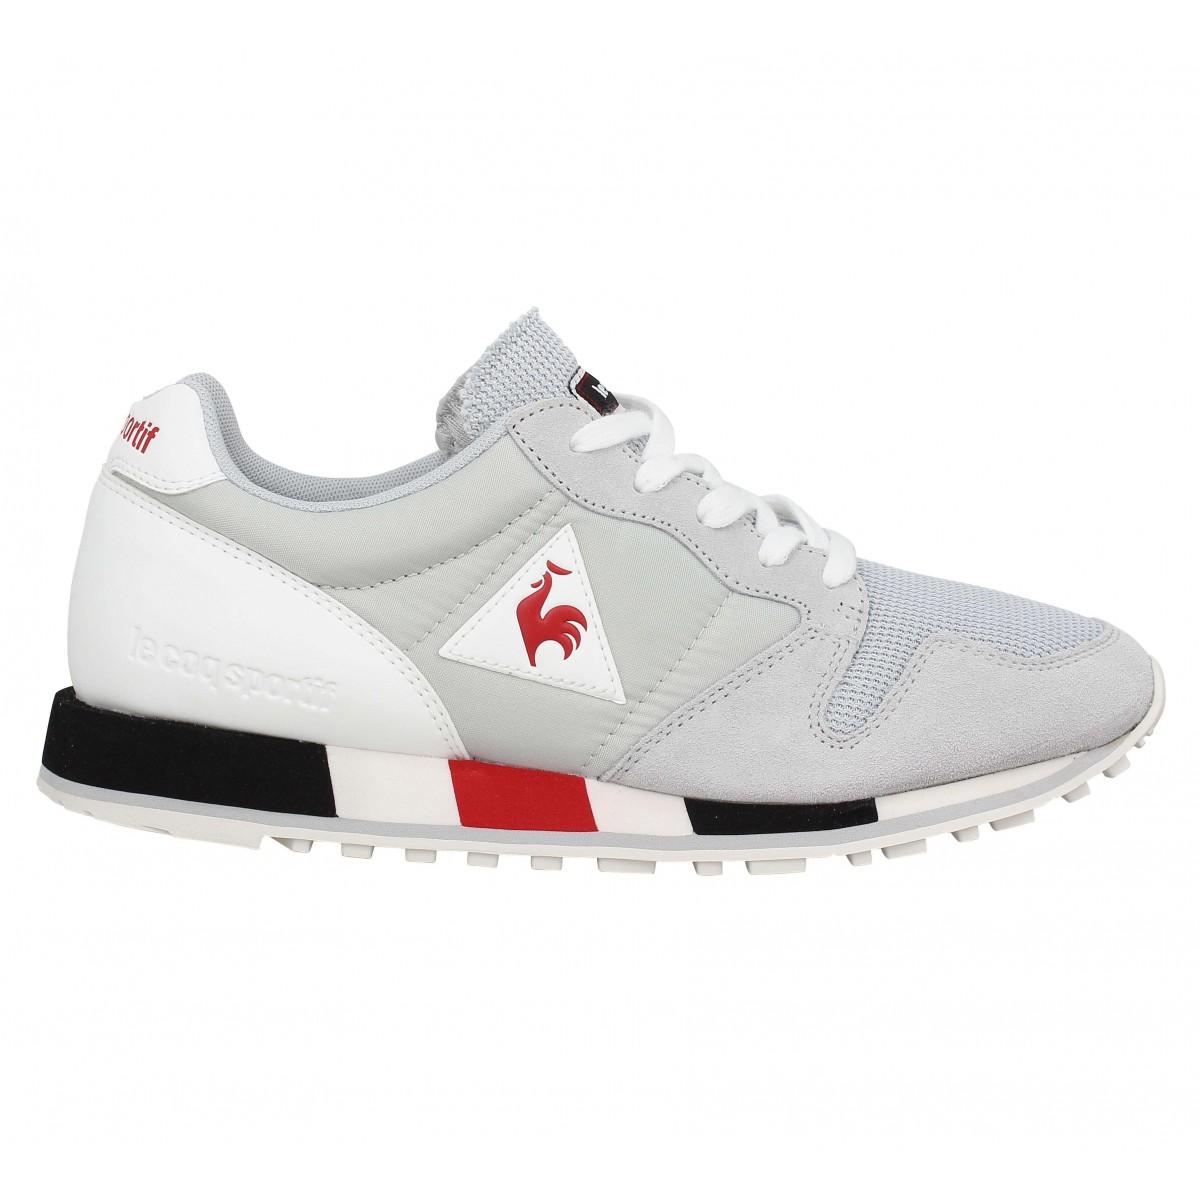 velours omega homme coq Fanny Le homme chaussures sportif premium gris qSwZIx6